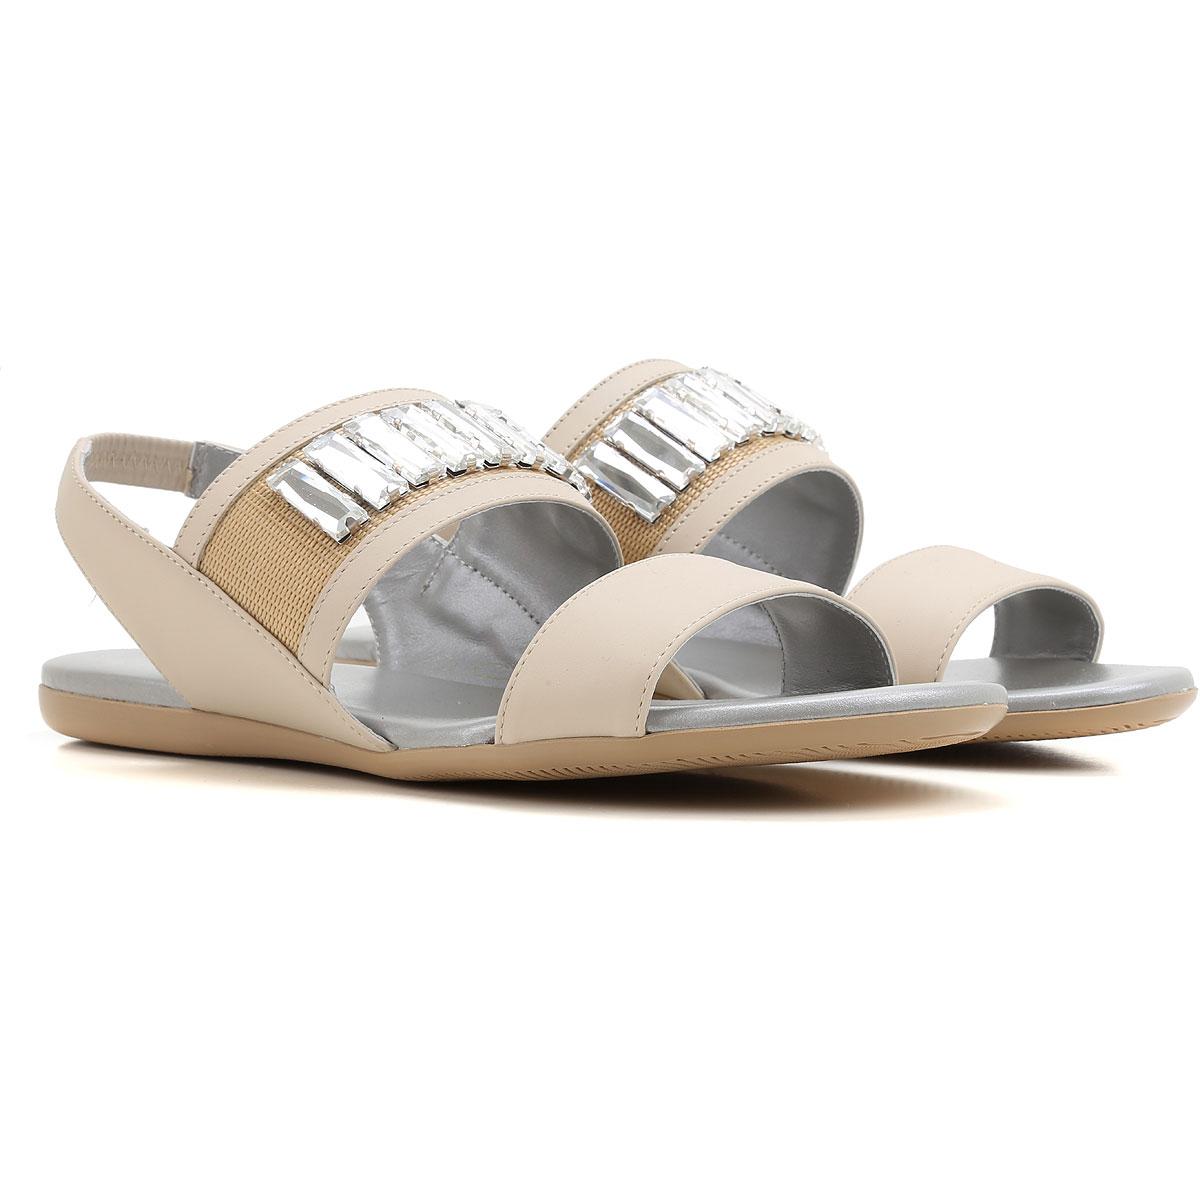 Sapatos para Mulher Hogan, Detalhe do Modelo: hxw1330u8507y8m024--